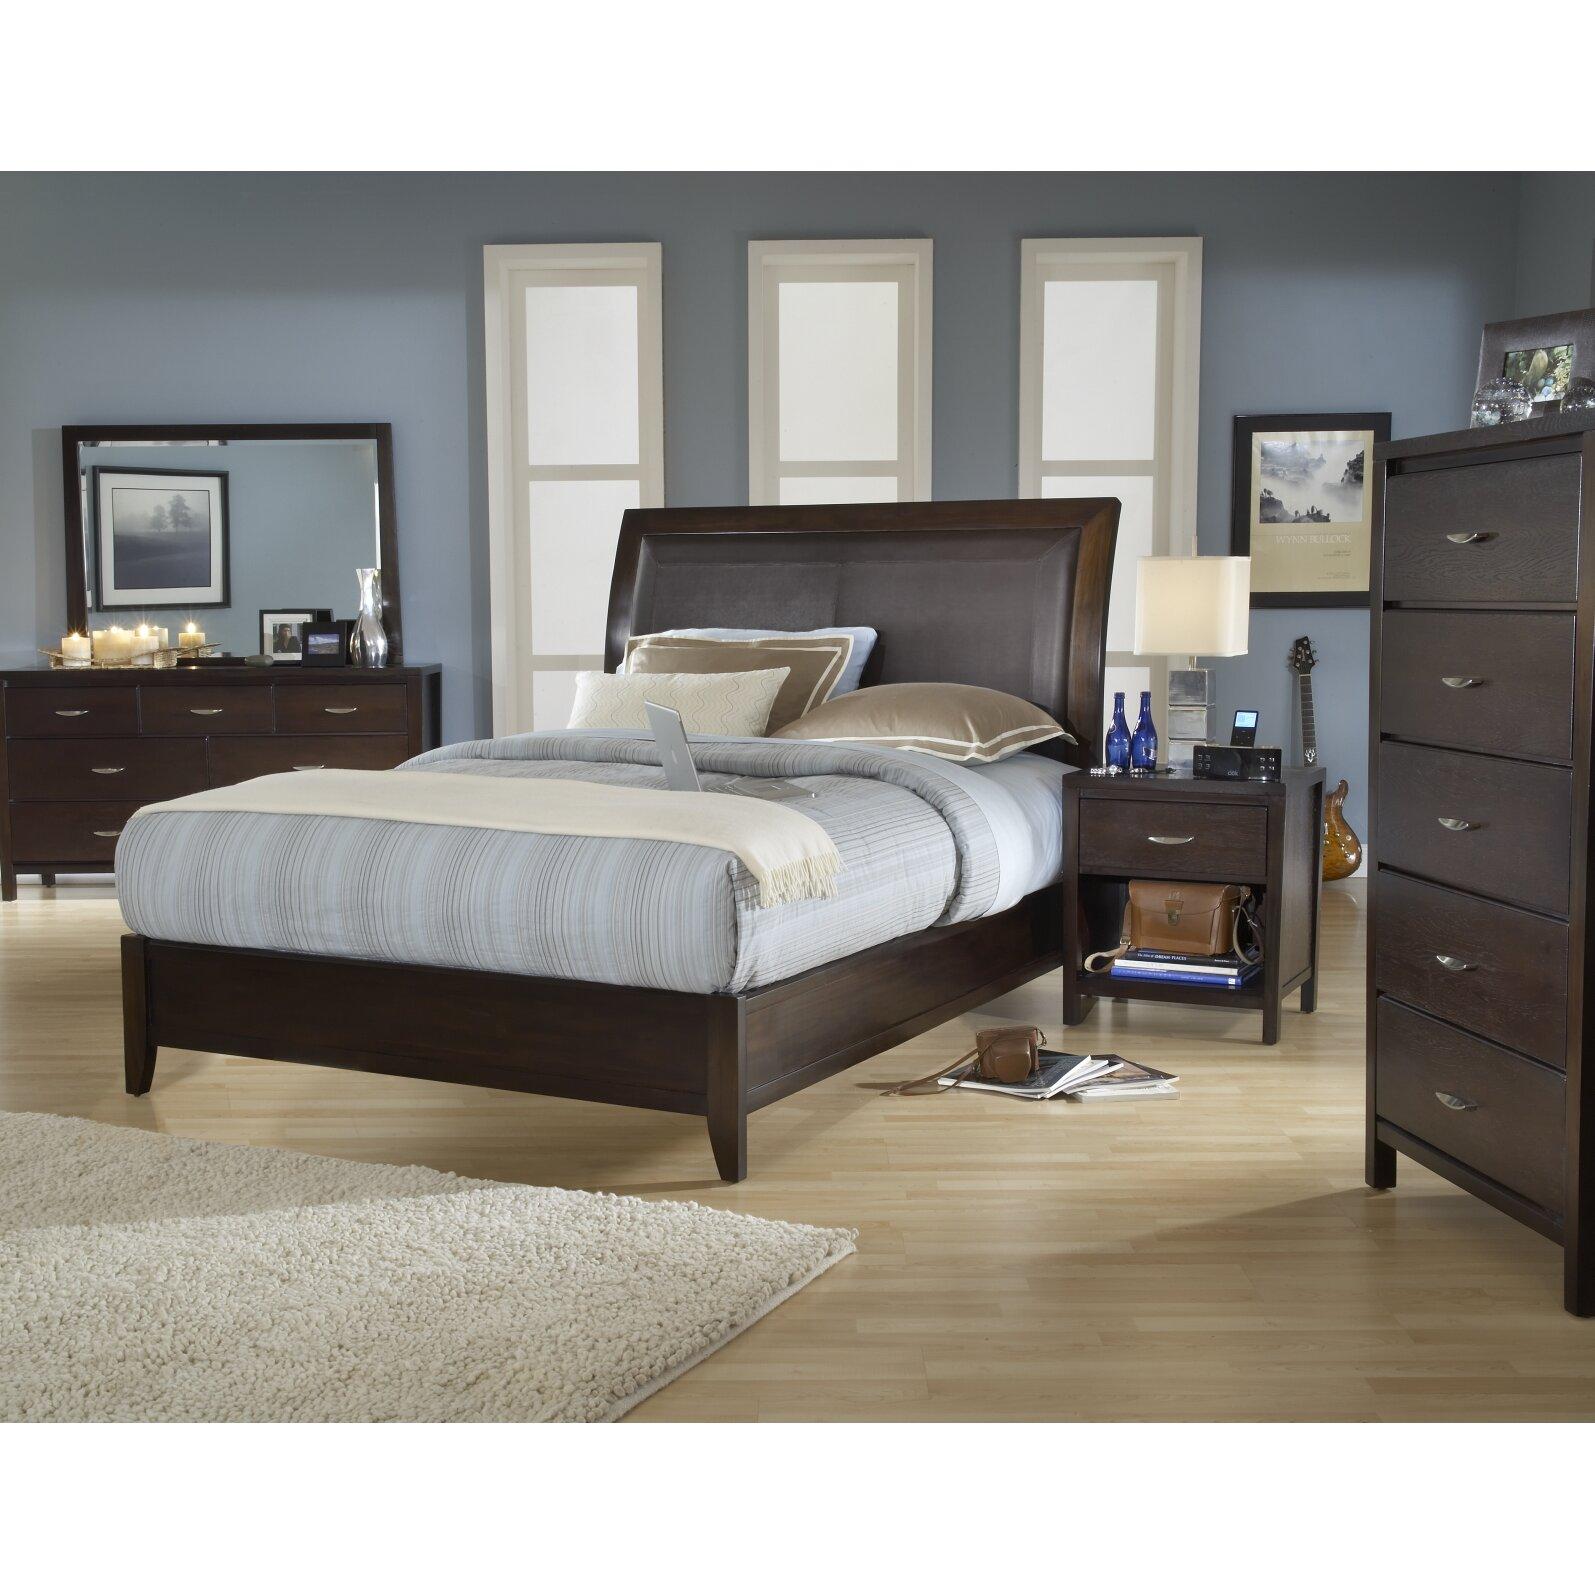 Brayden Studio Desmarais Platform Customizable Bedroom Set Reviews Wayfair